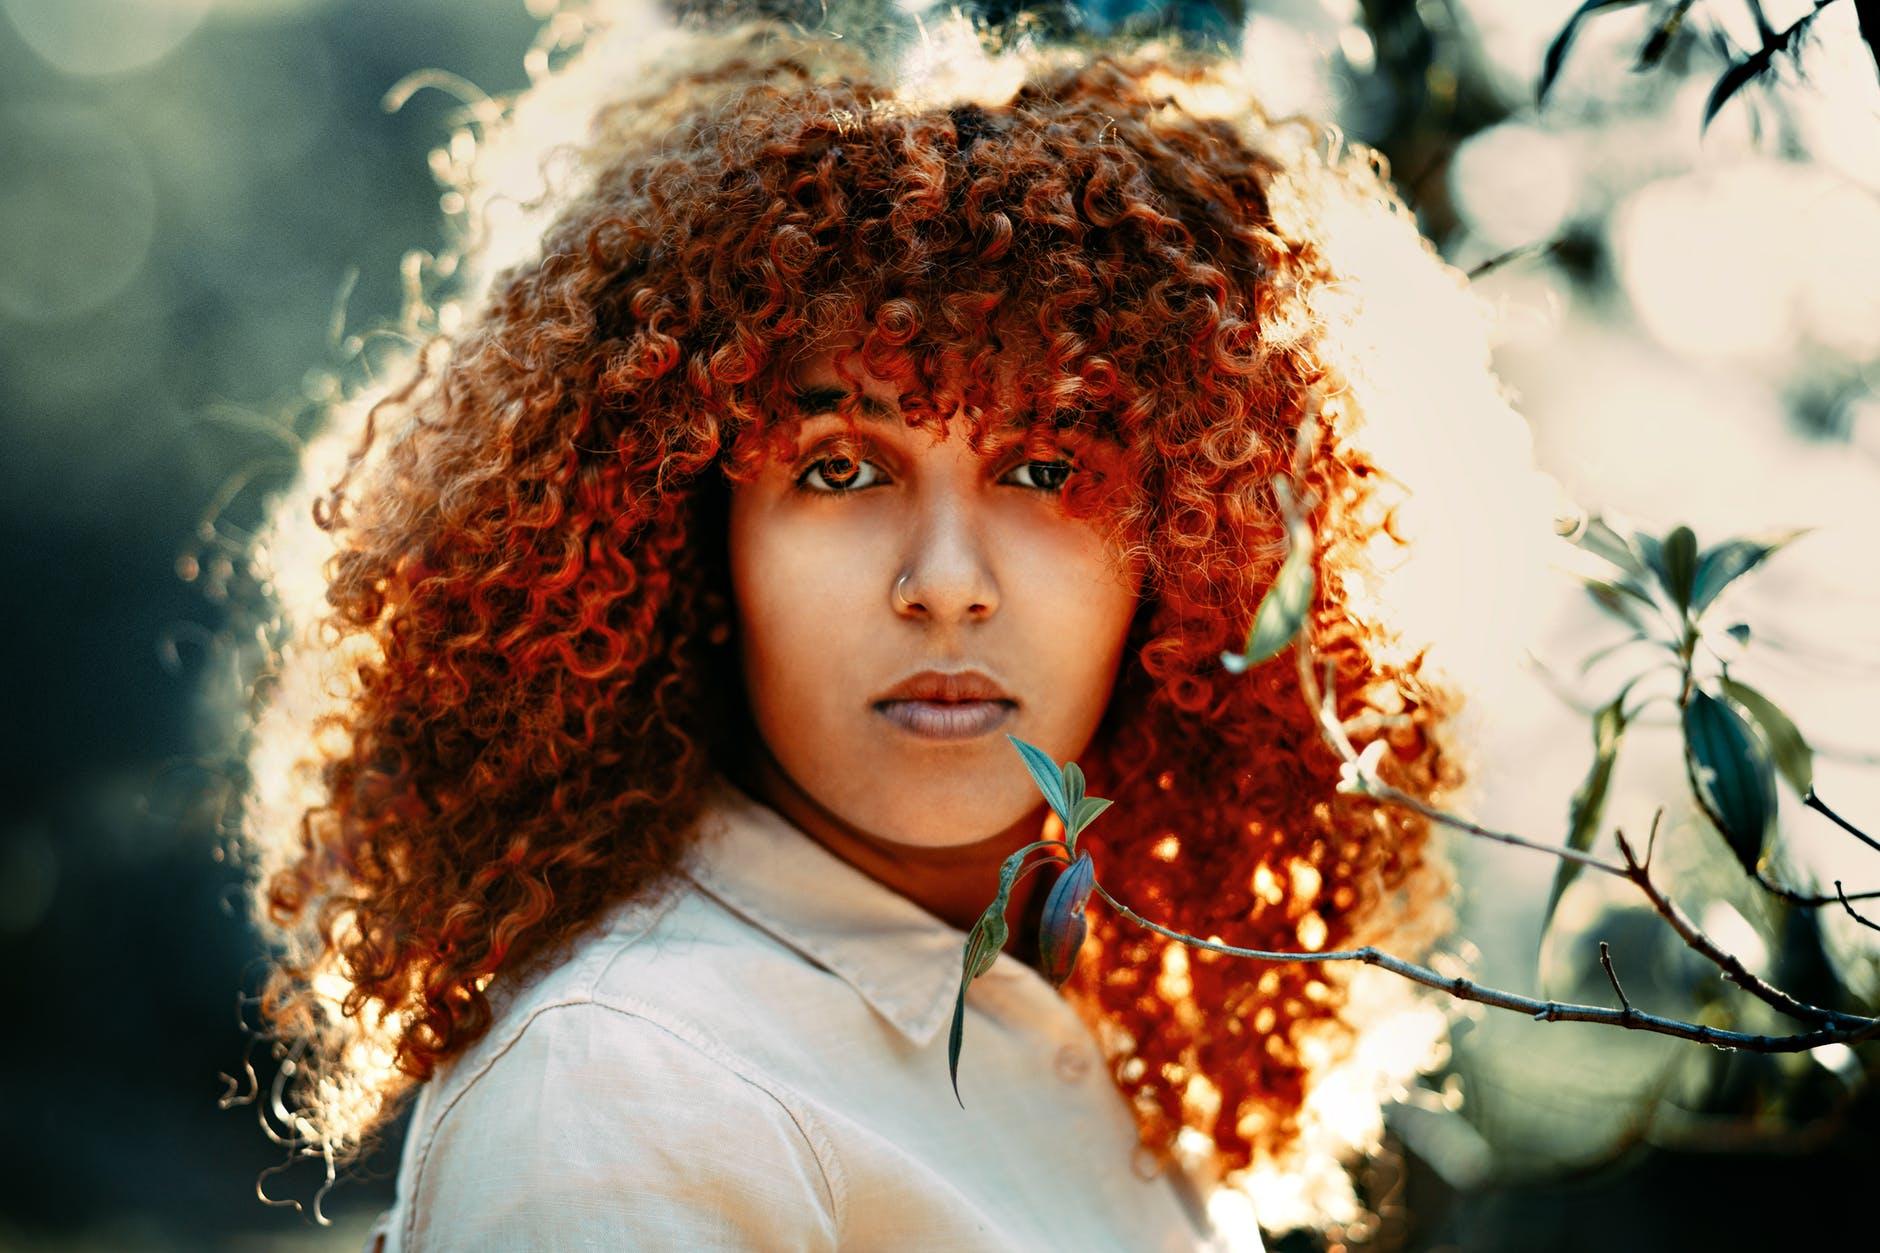 cabelo cacheado ruivo 17 - Quais os segredos para um cabelo cacheado ruivo sem defeitos?